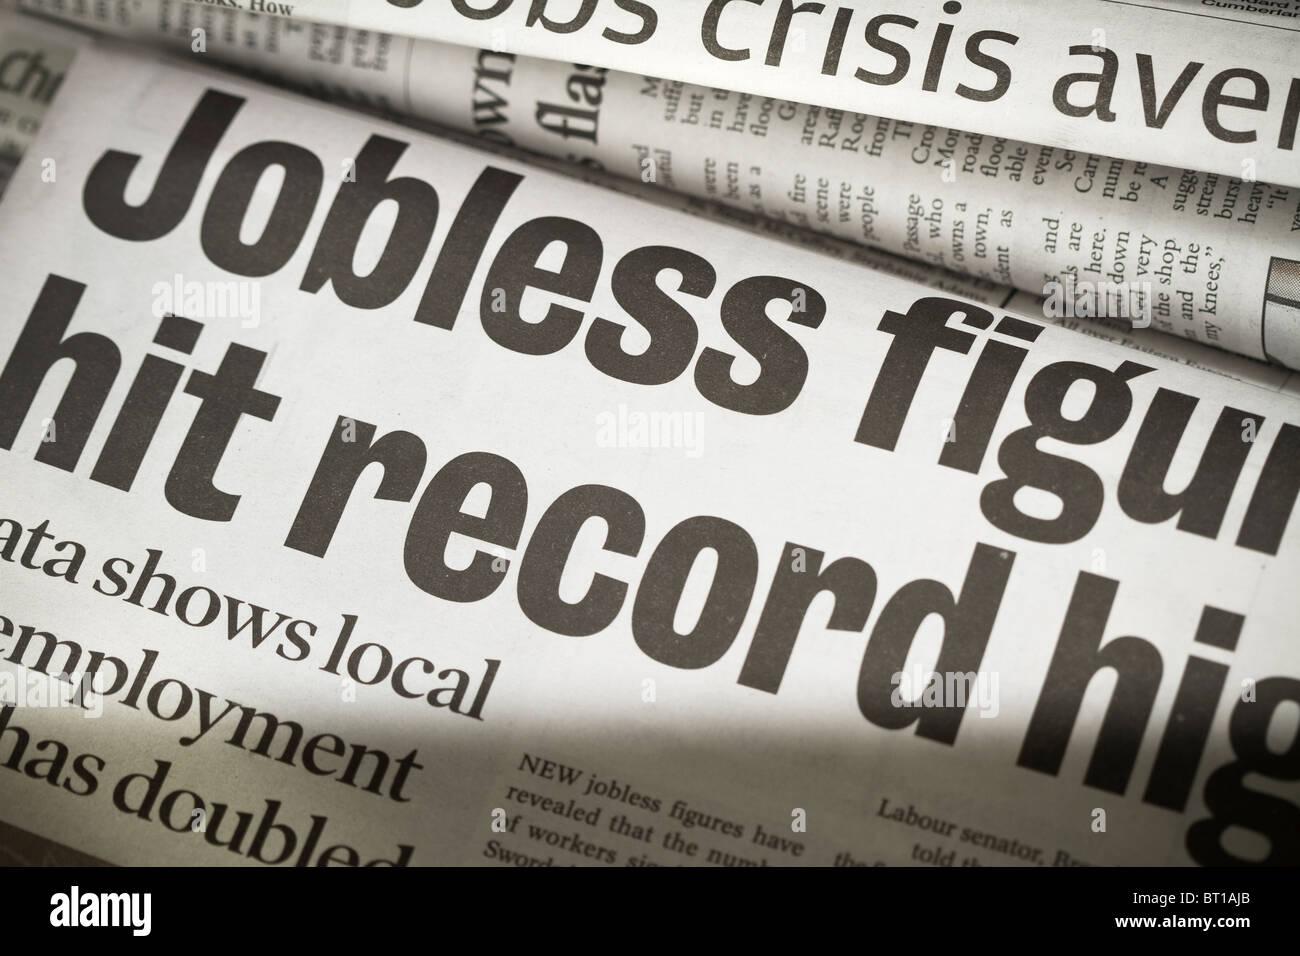 Titolo di giornale circa situazioni di crisi occupazionale Immagini Stock